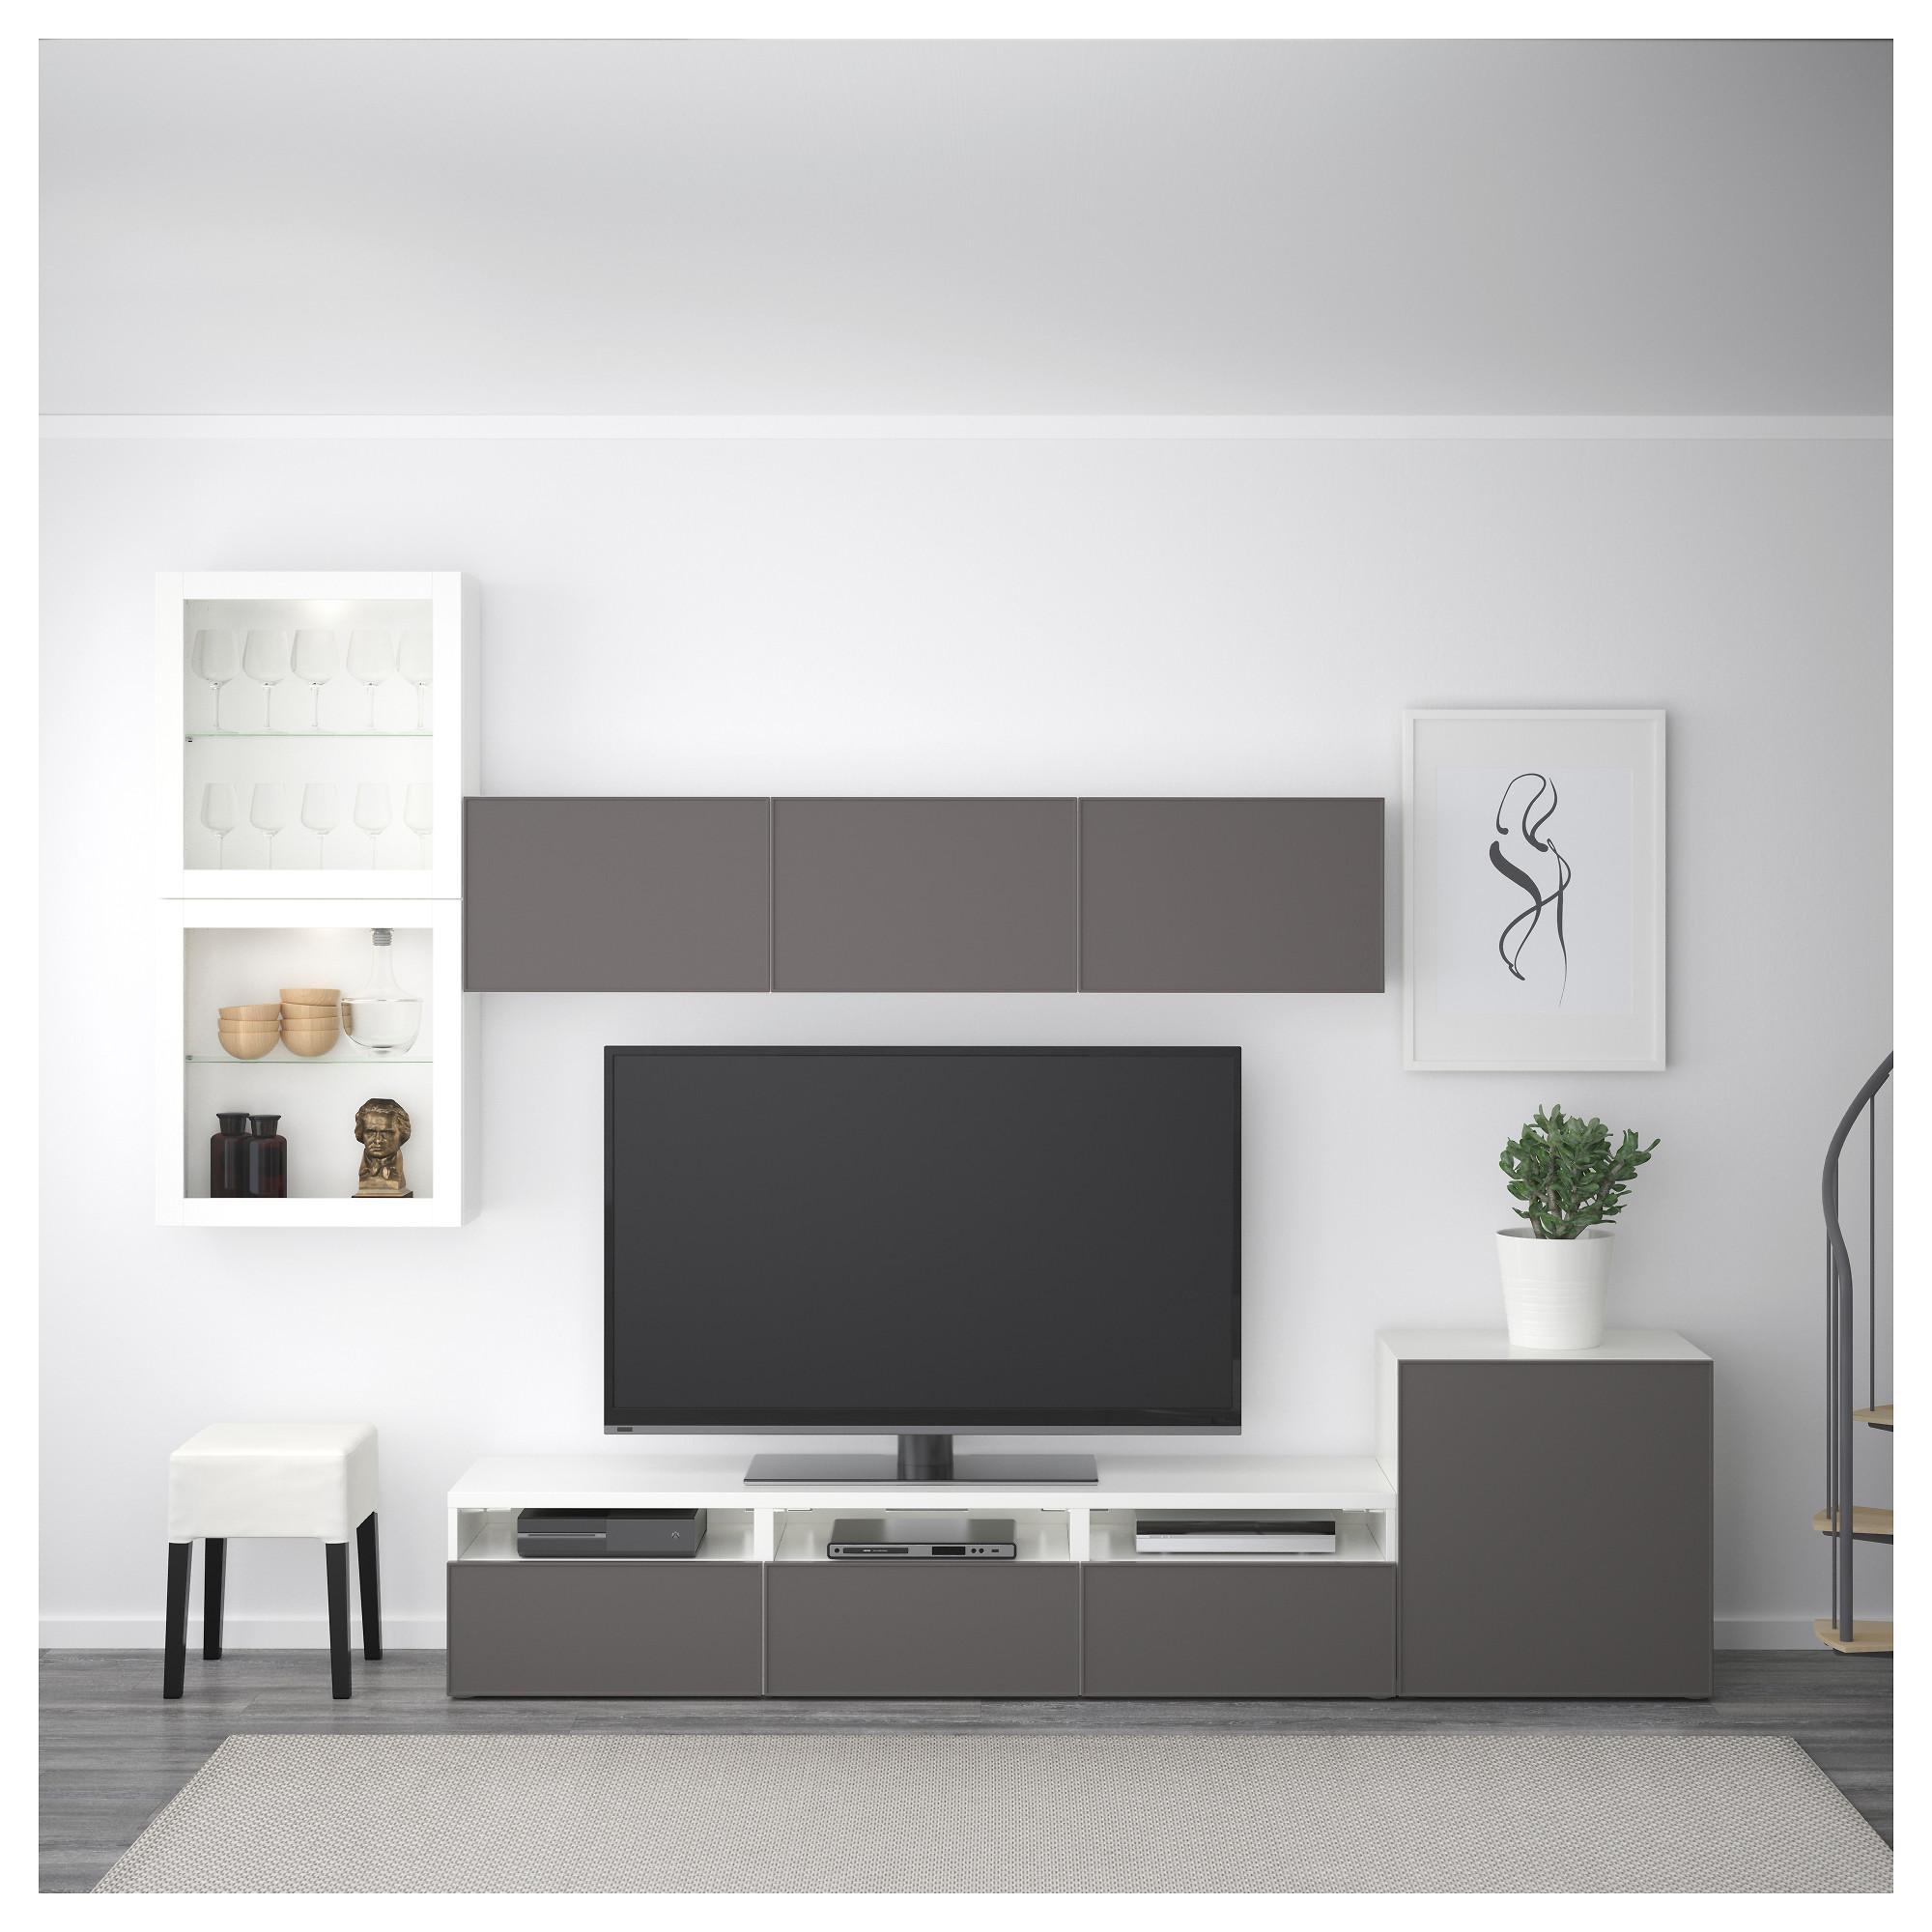 Шкаф для ТВ, комбинированный, стекляные дверцы БЕСТО артикуль № 092.522.15 в наличии. Интернет сайт IKEA Минск. Быстрая доставка и установка.